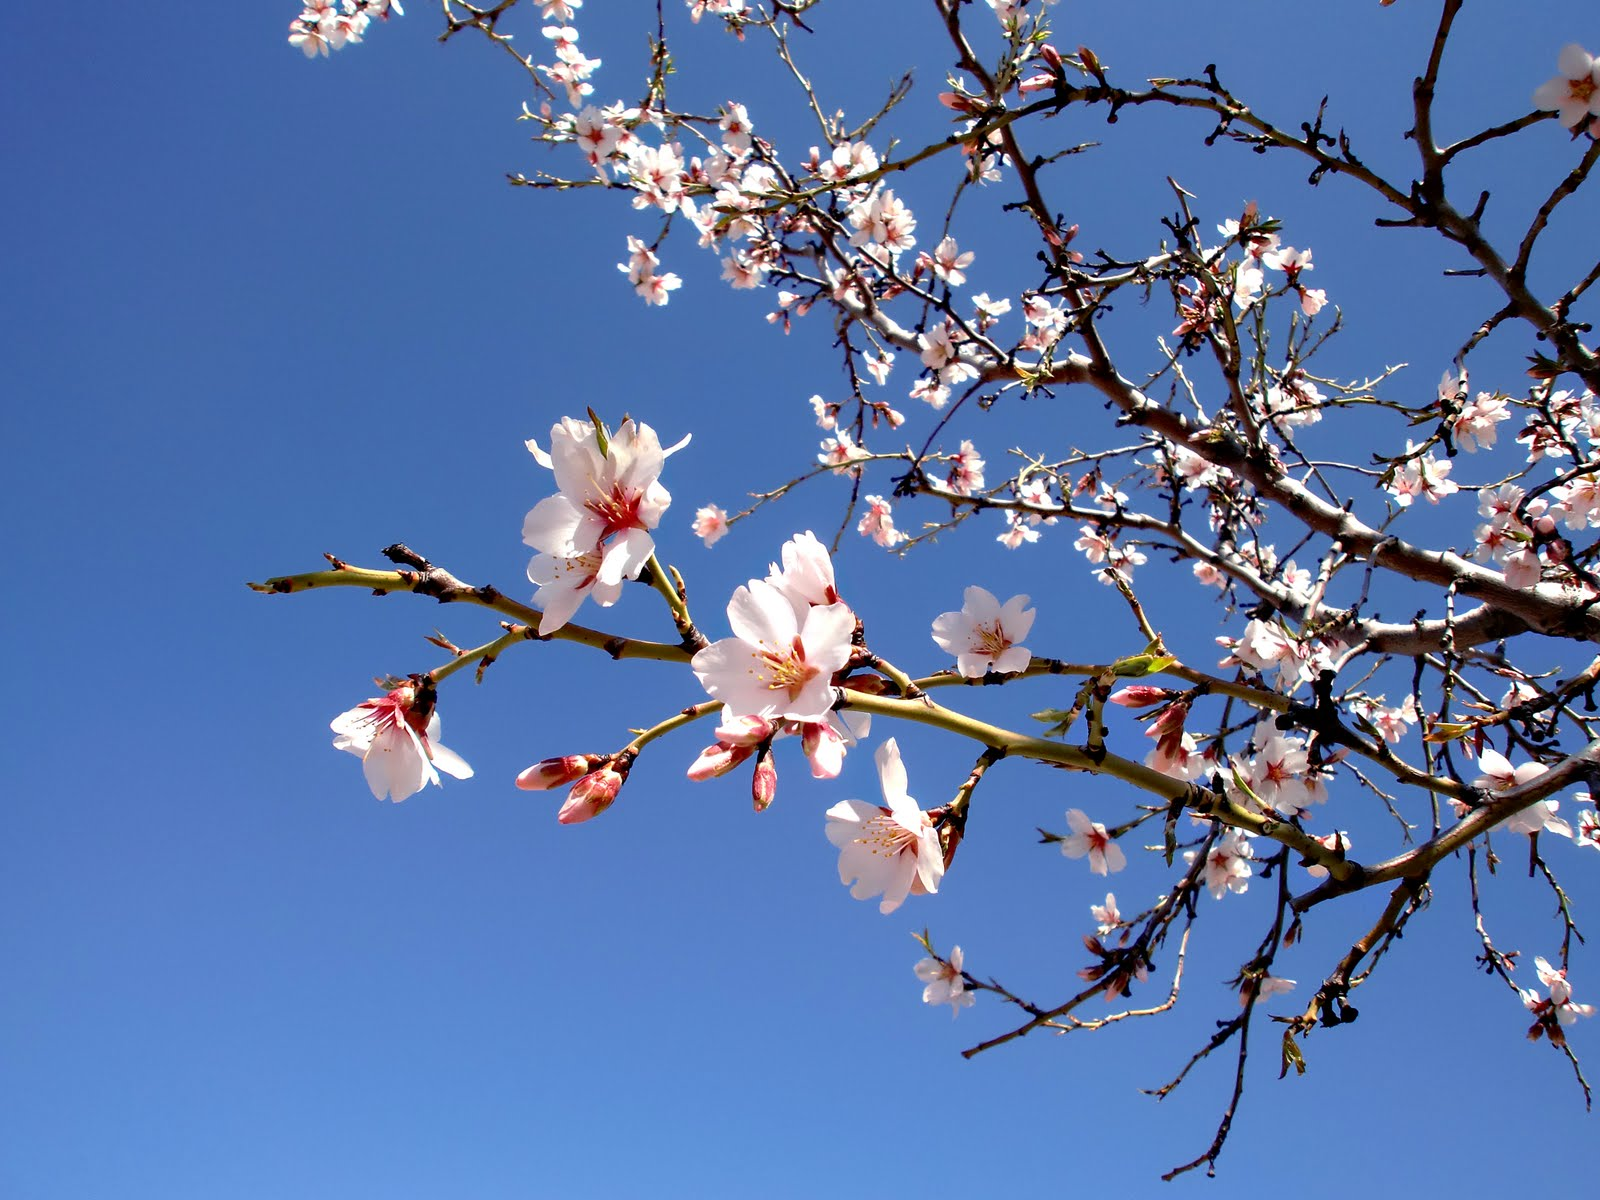 flores-de-almendro